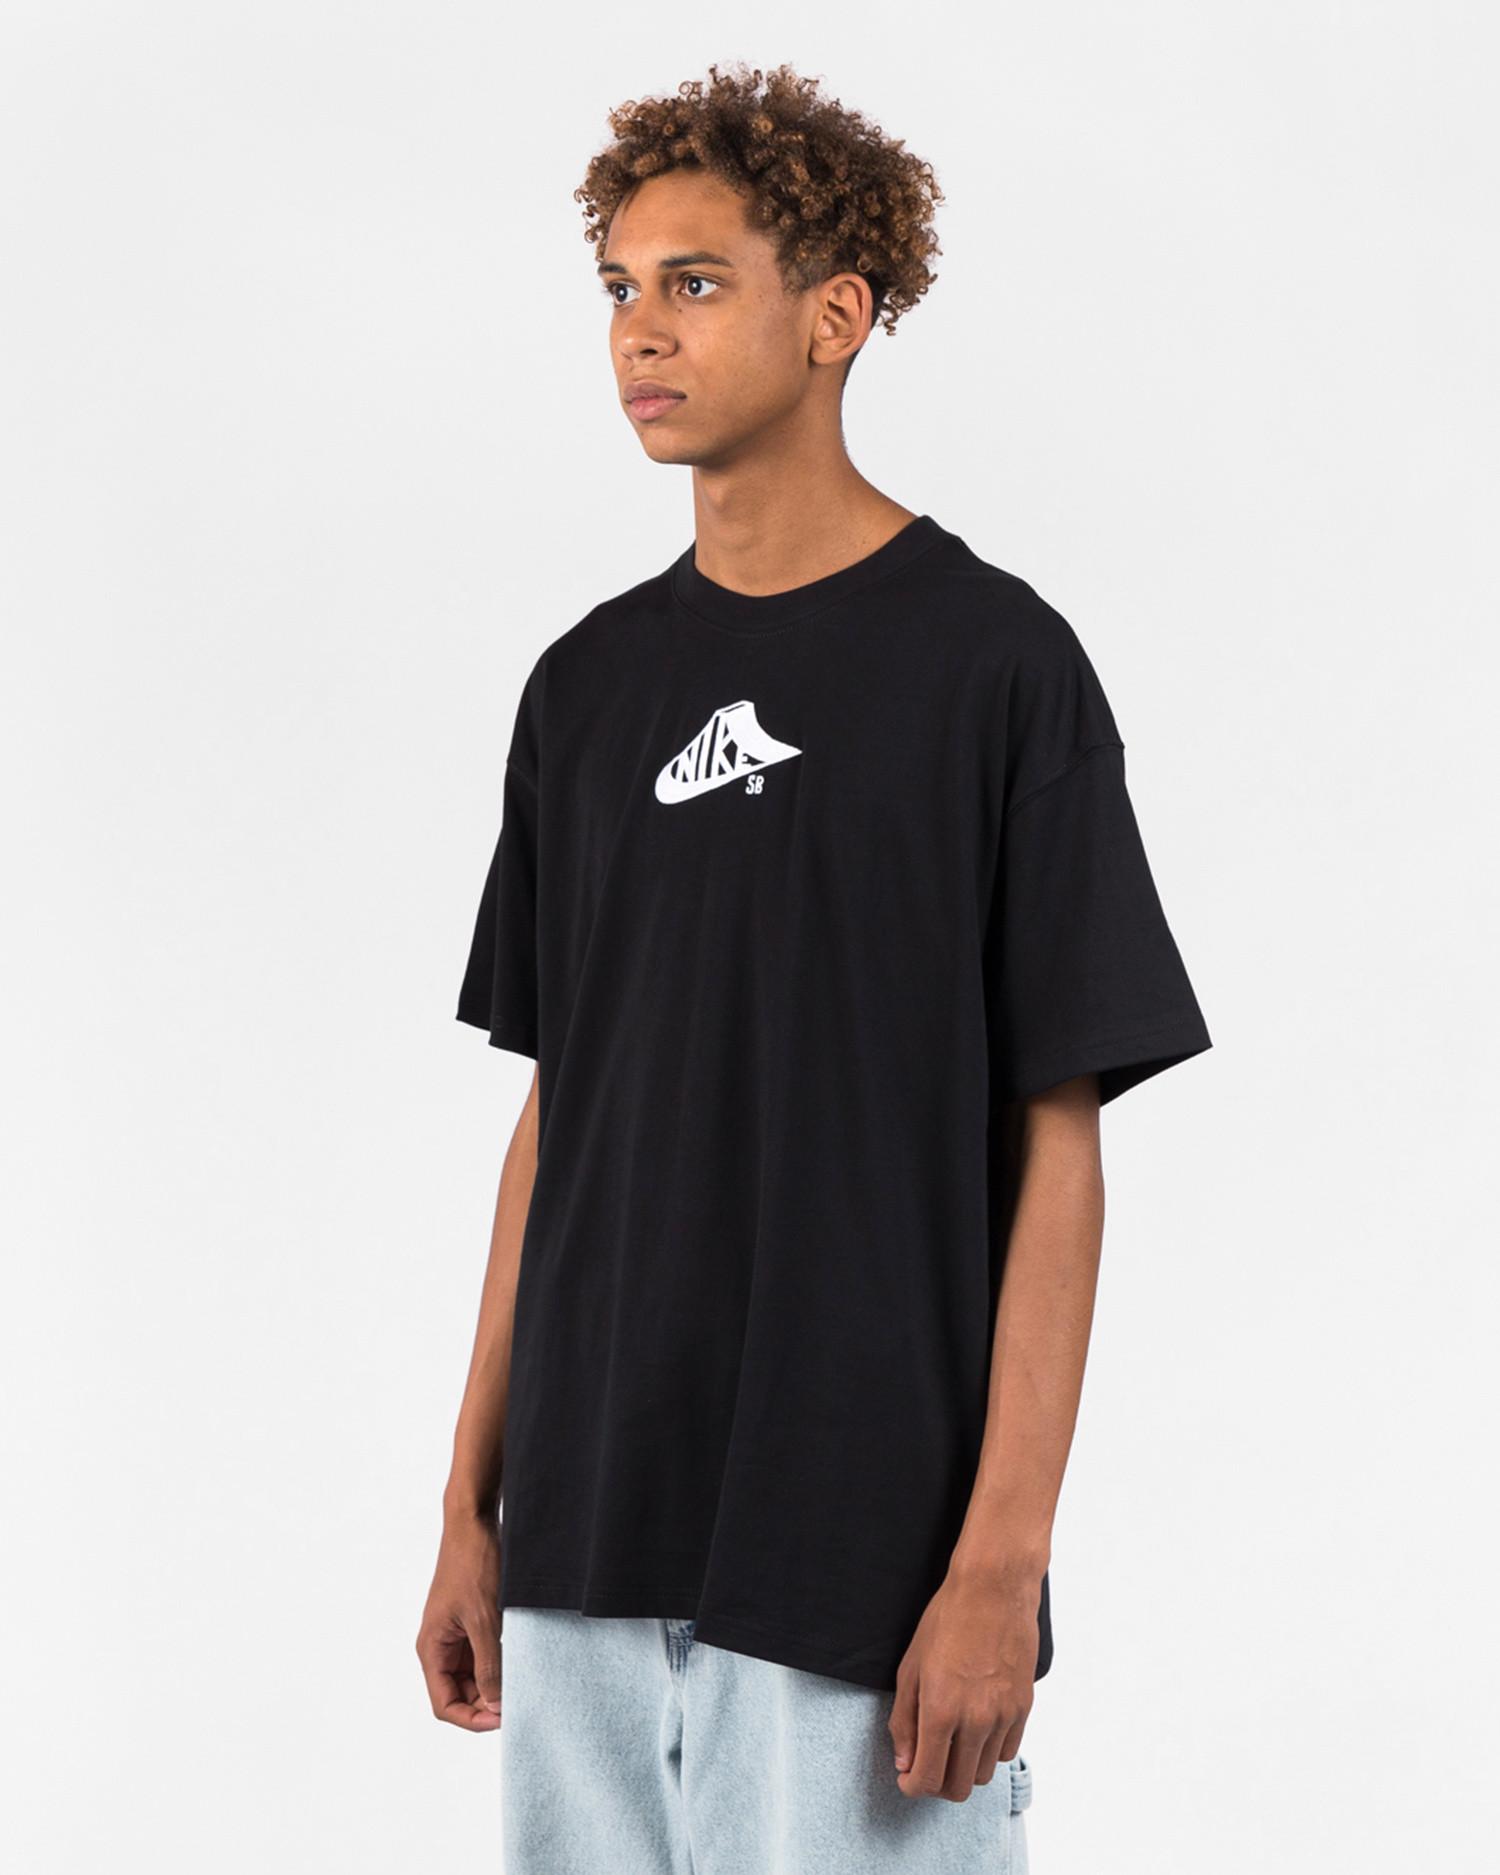 Nike SB Graphic T-Shirt Black